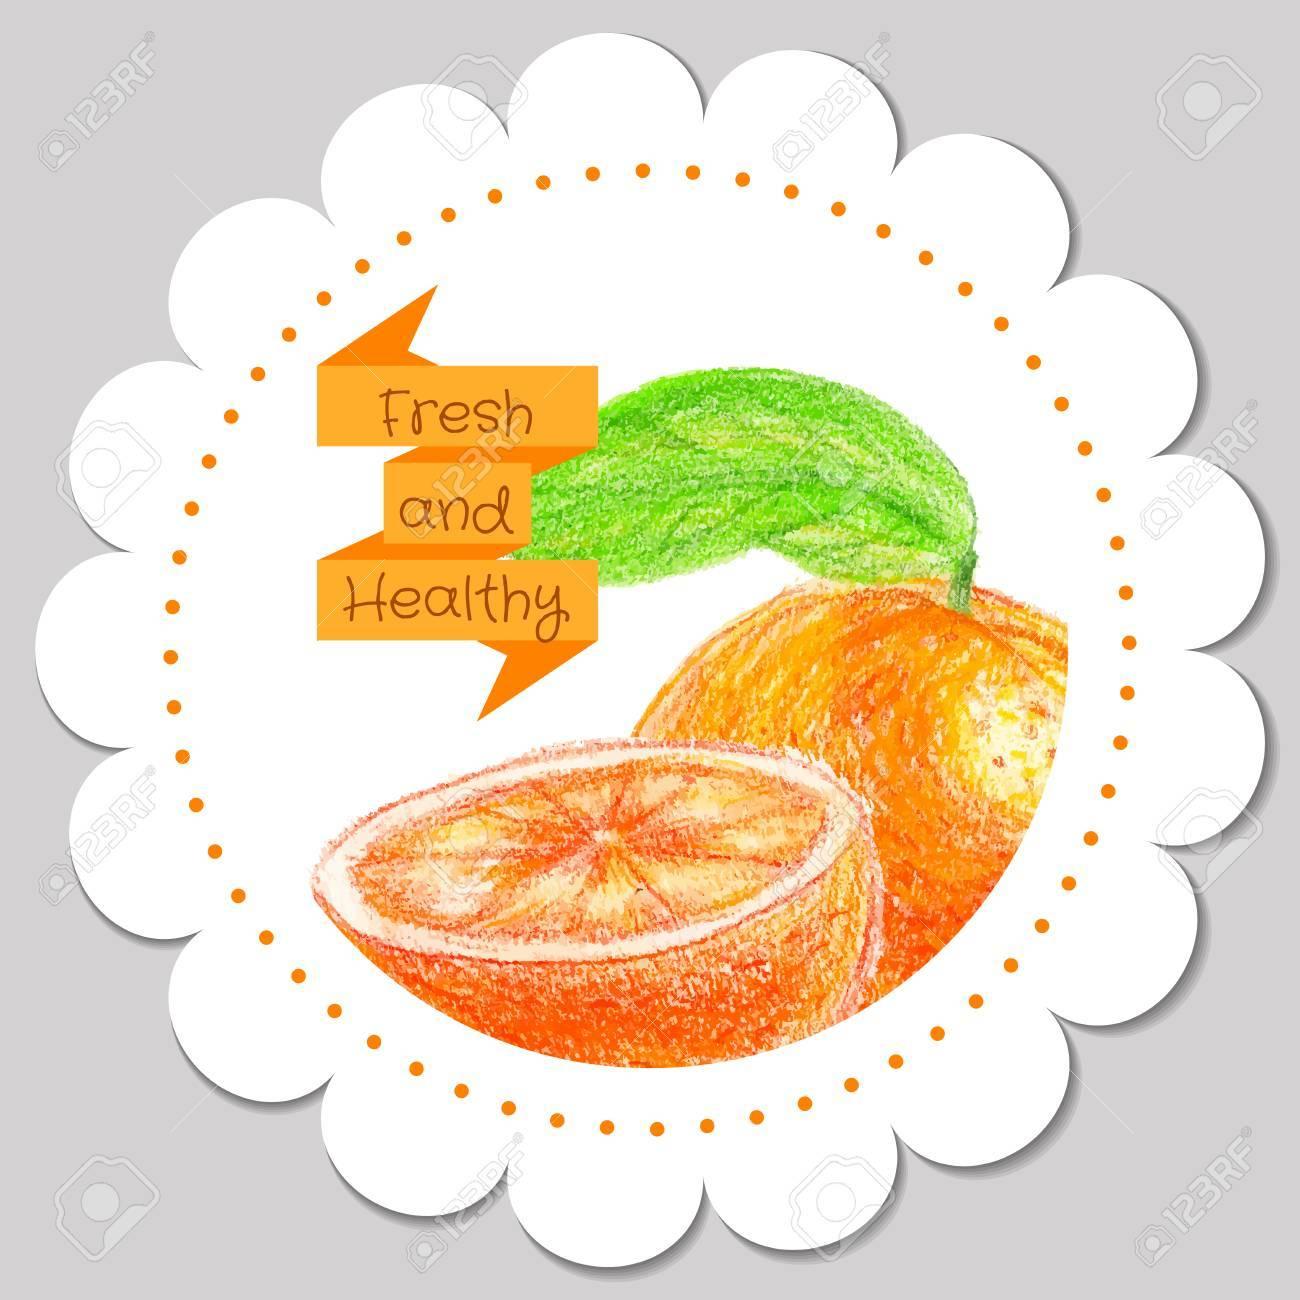 Plantilla De La Pegatina. Naranja Sana Y Fresca. Plantilla Para ...